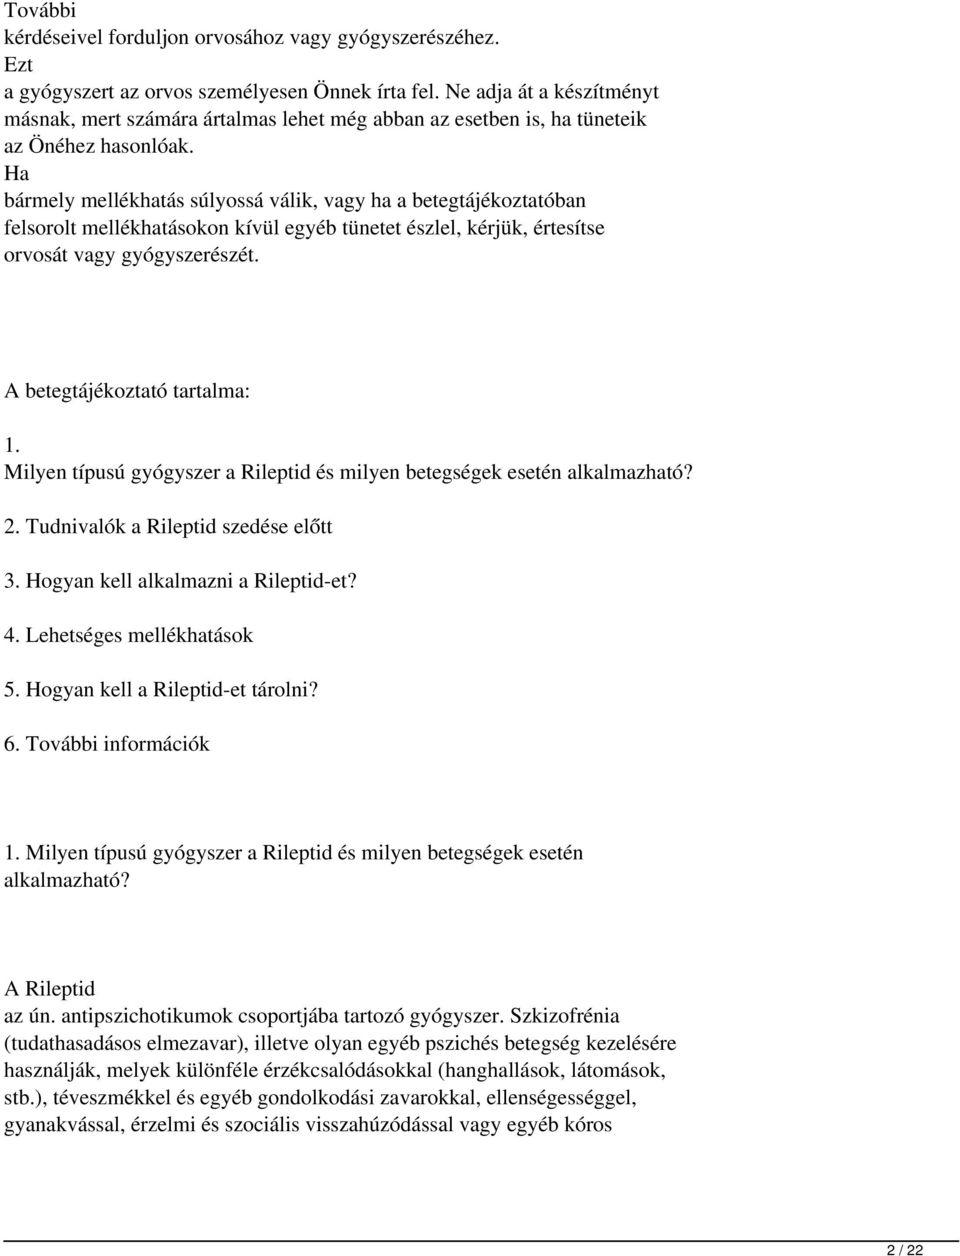 antipszichotikumok és erekció